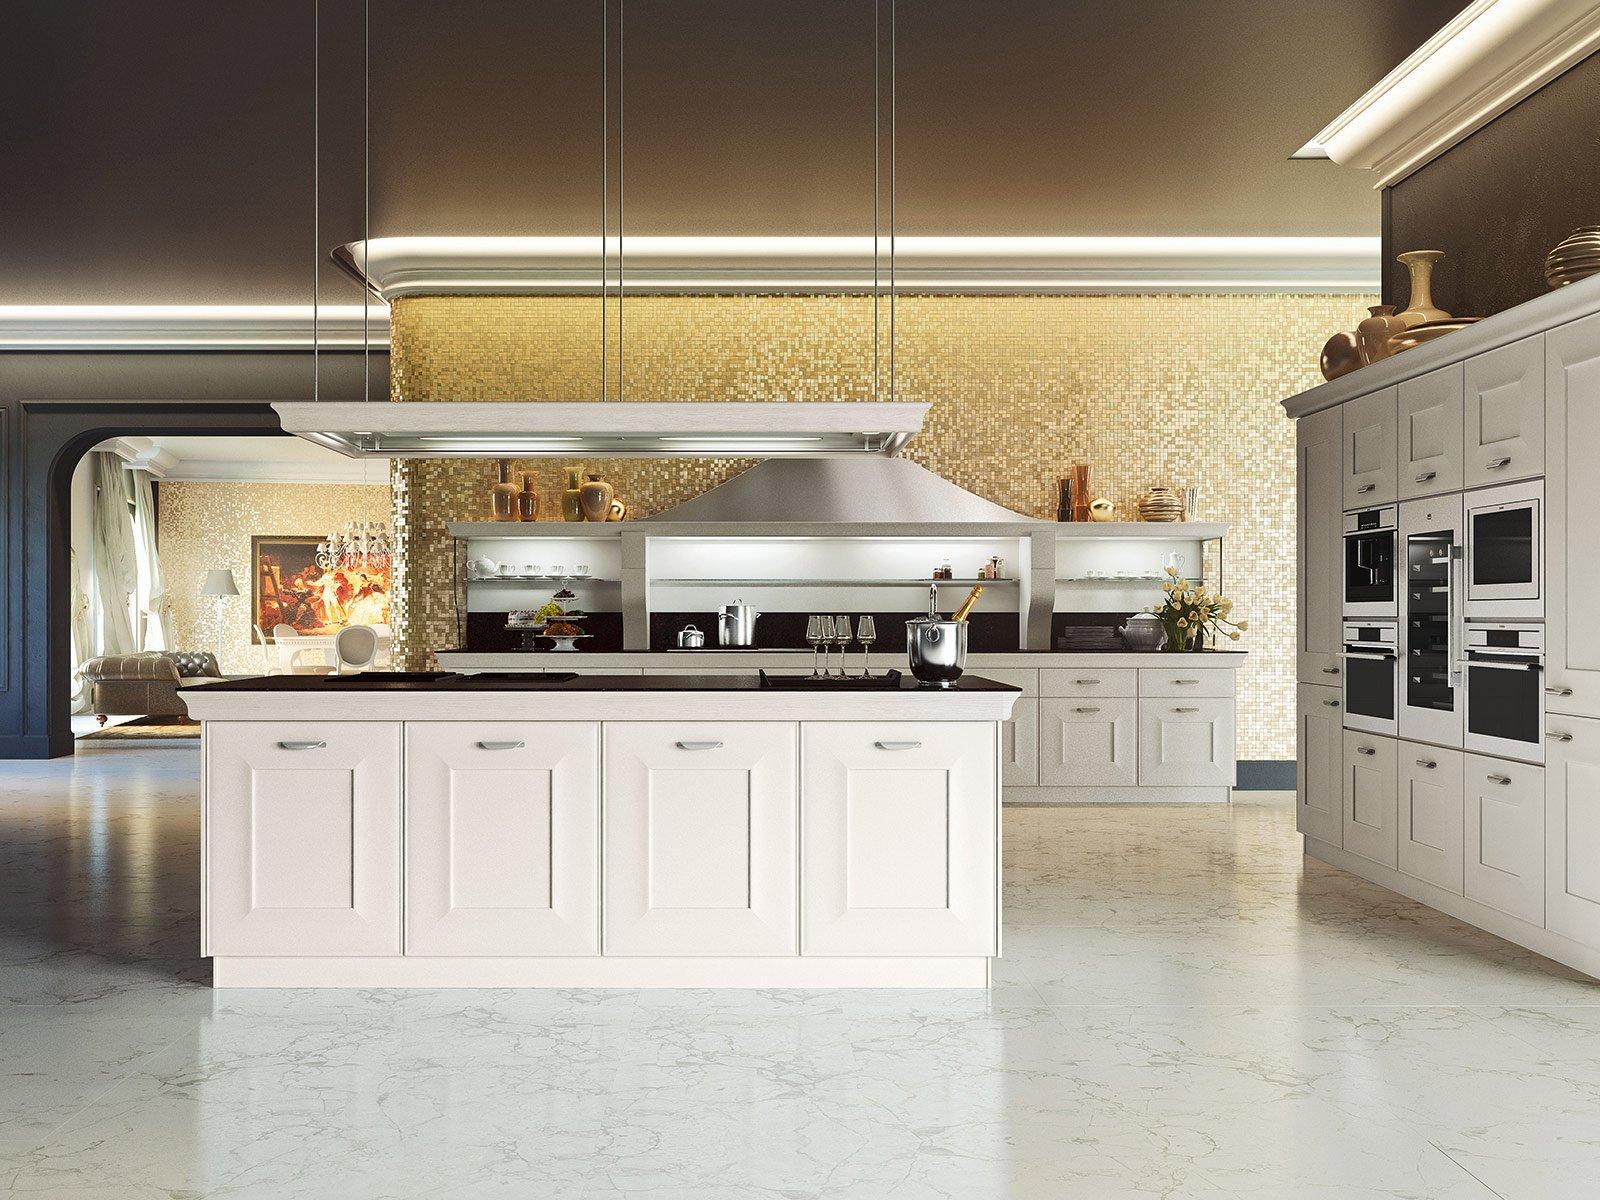 Cucine country: stile tradizionale o new classic - Cose di ...